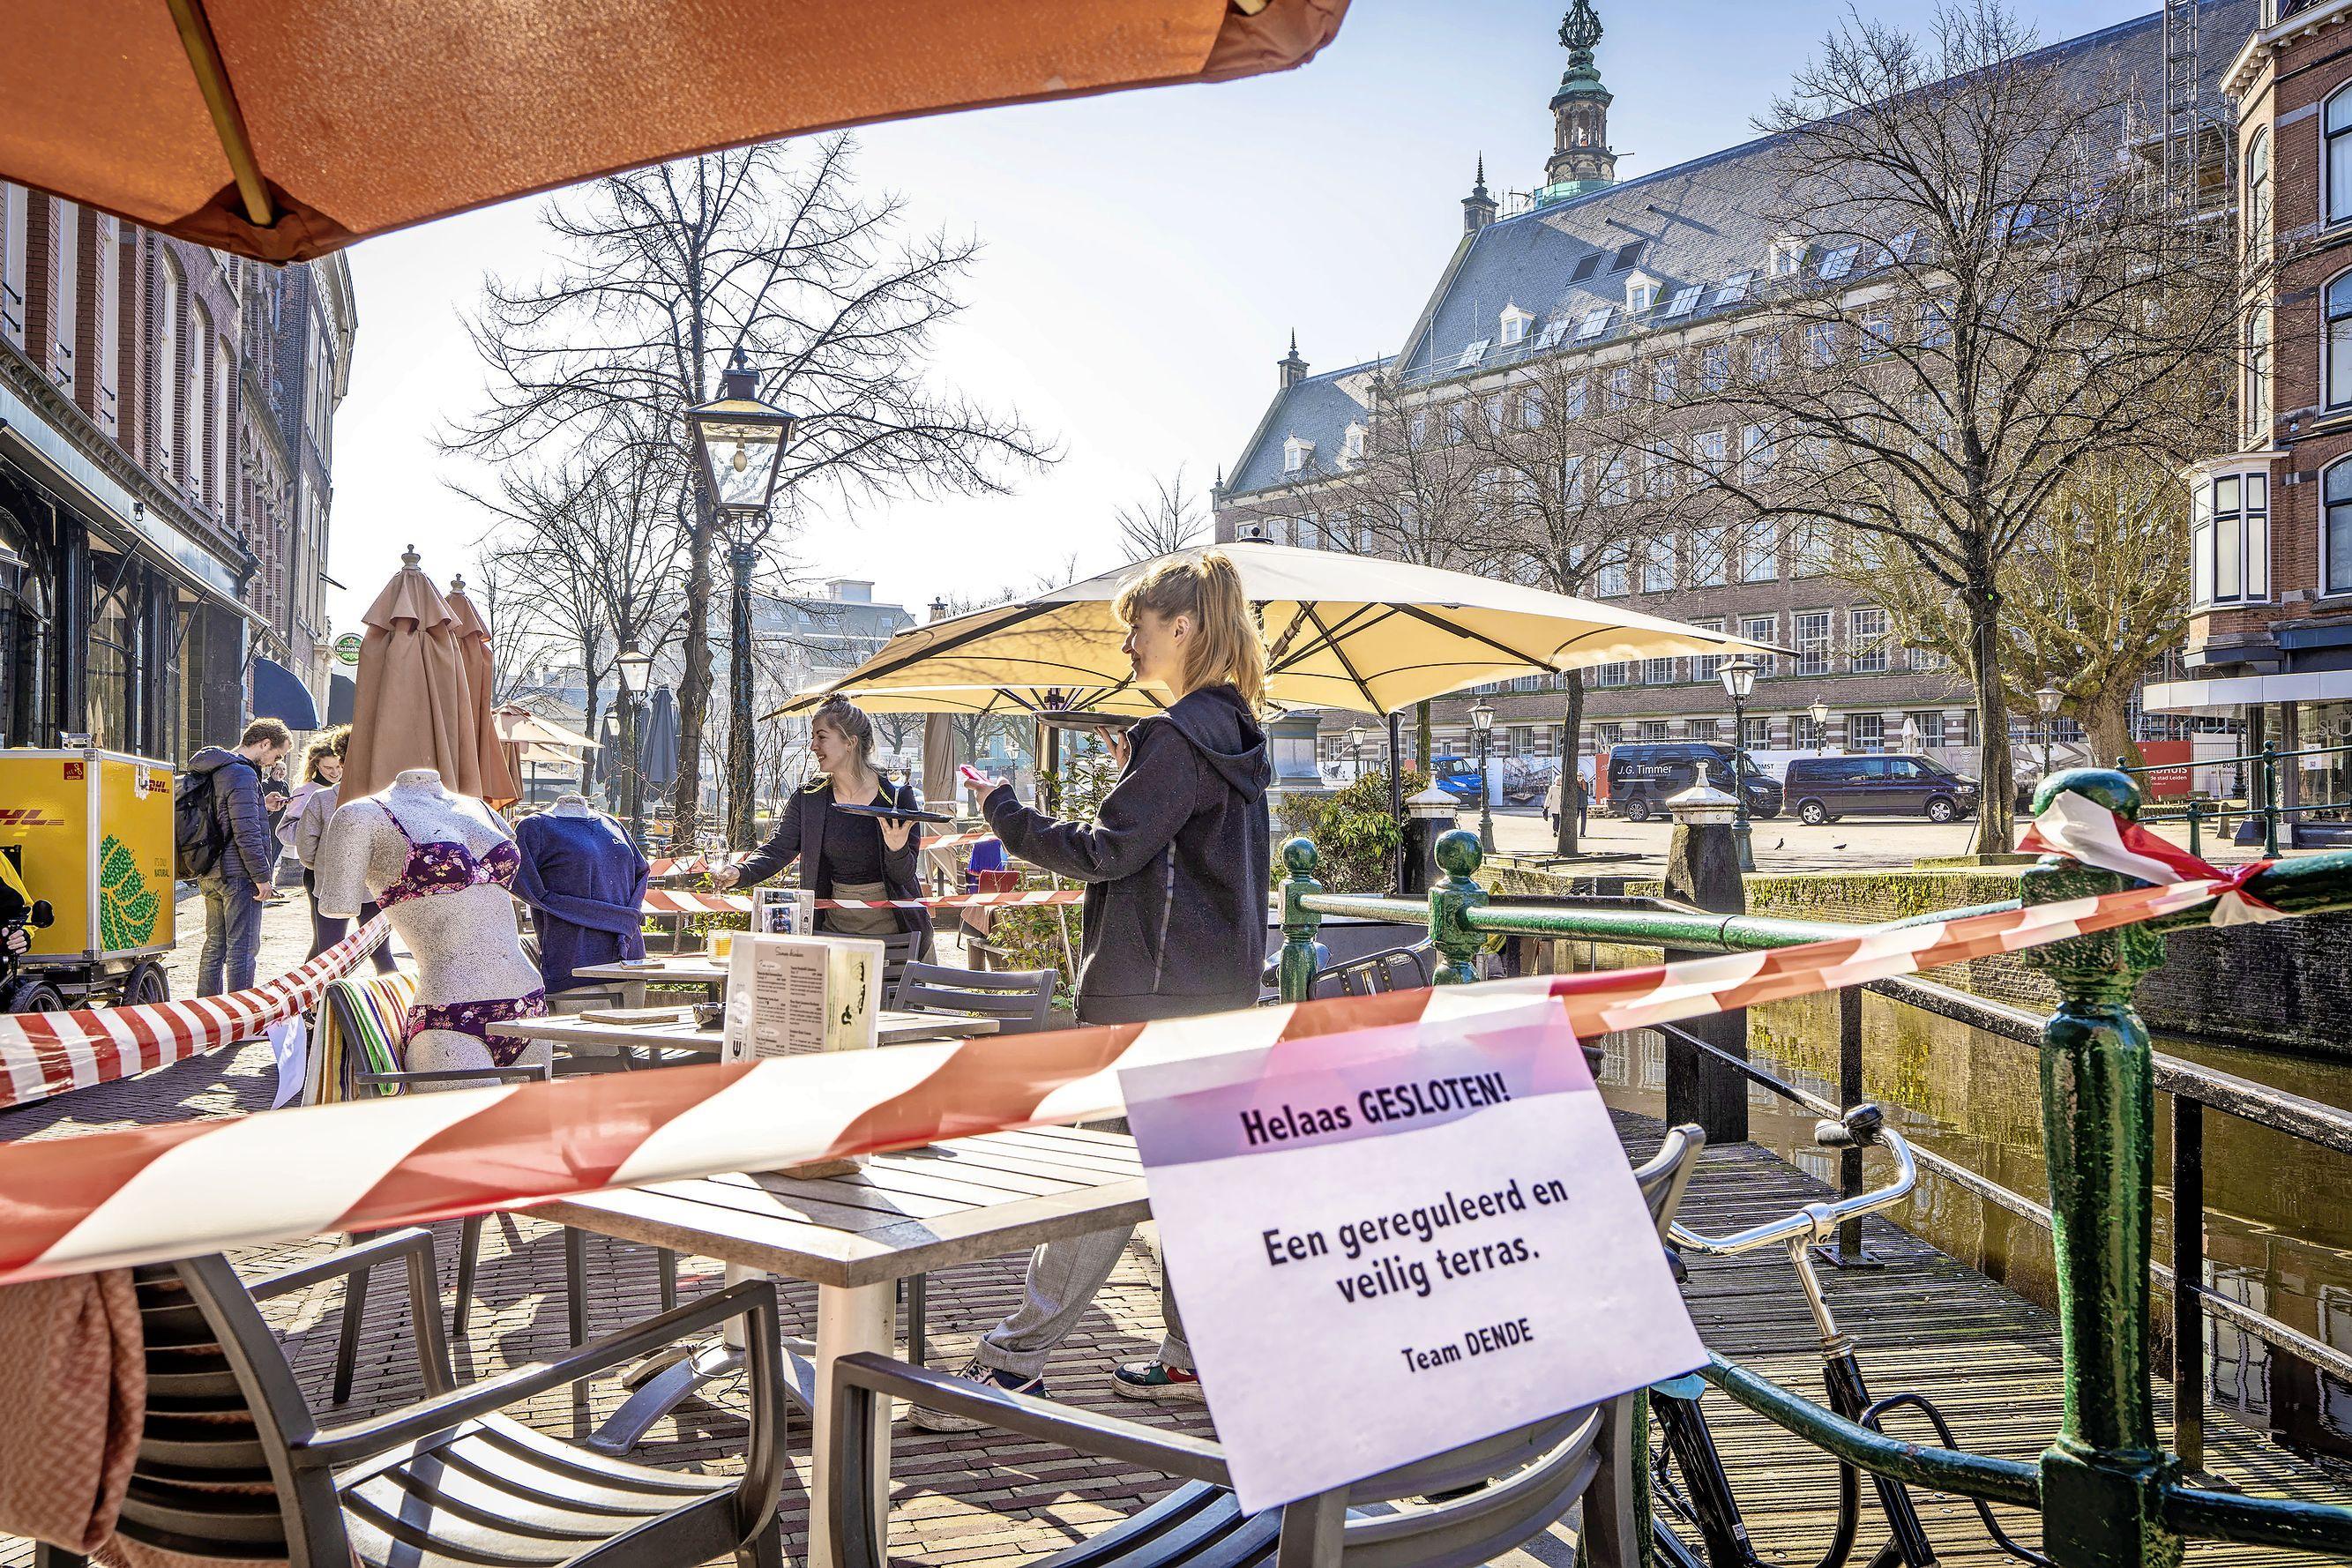 Horeca zet terrassen op: 'In het park zit iedereen op elkaar, hier kunnen we het reguleren' [video]